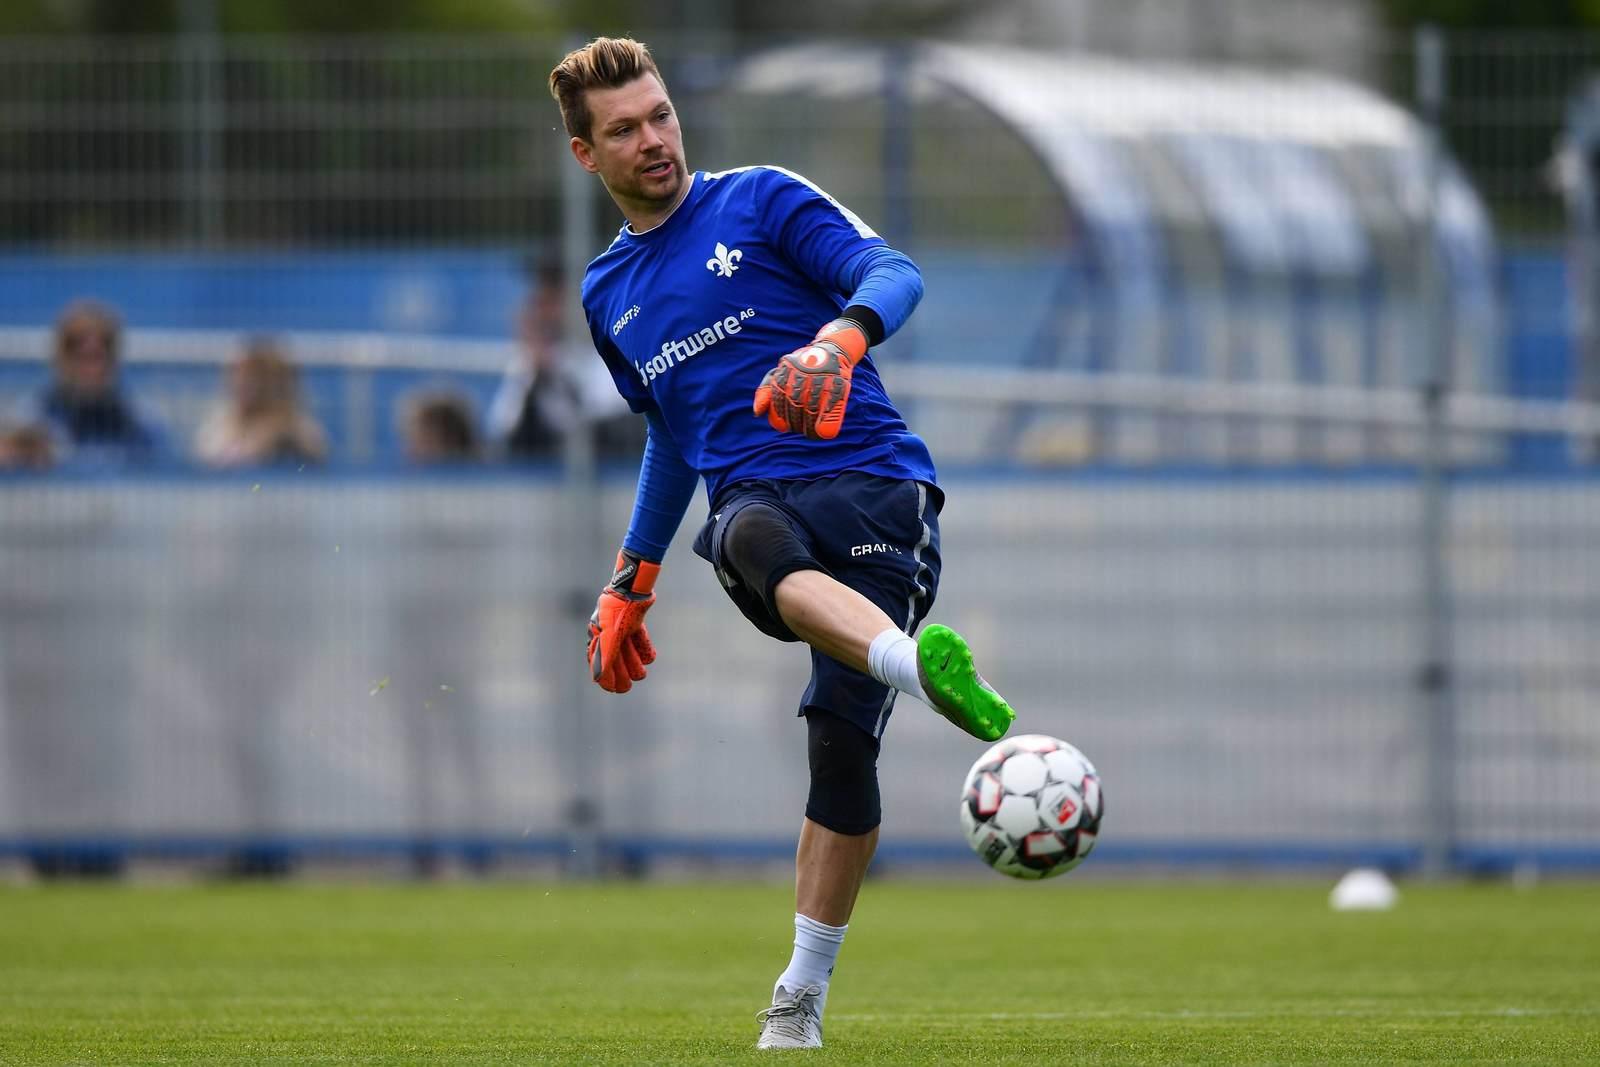 Max Grün passt den Ball im Training